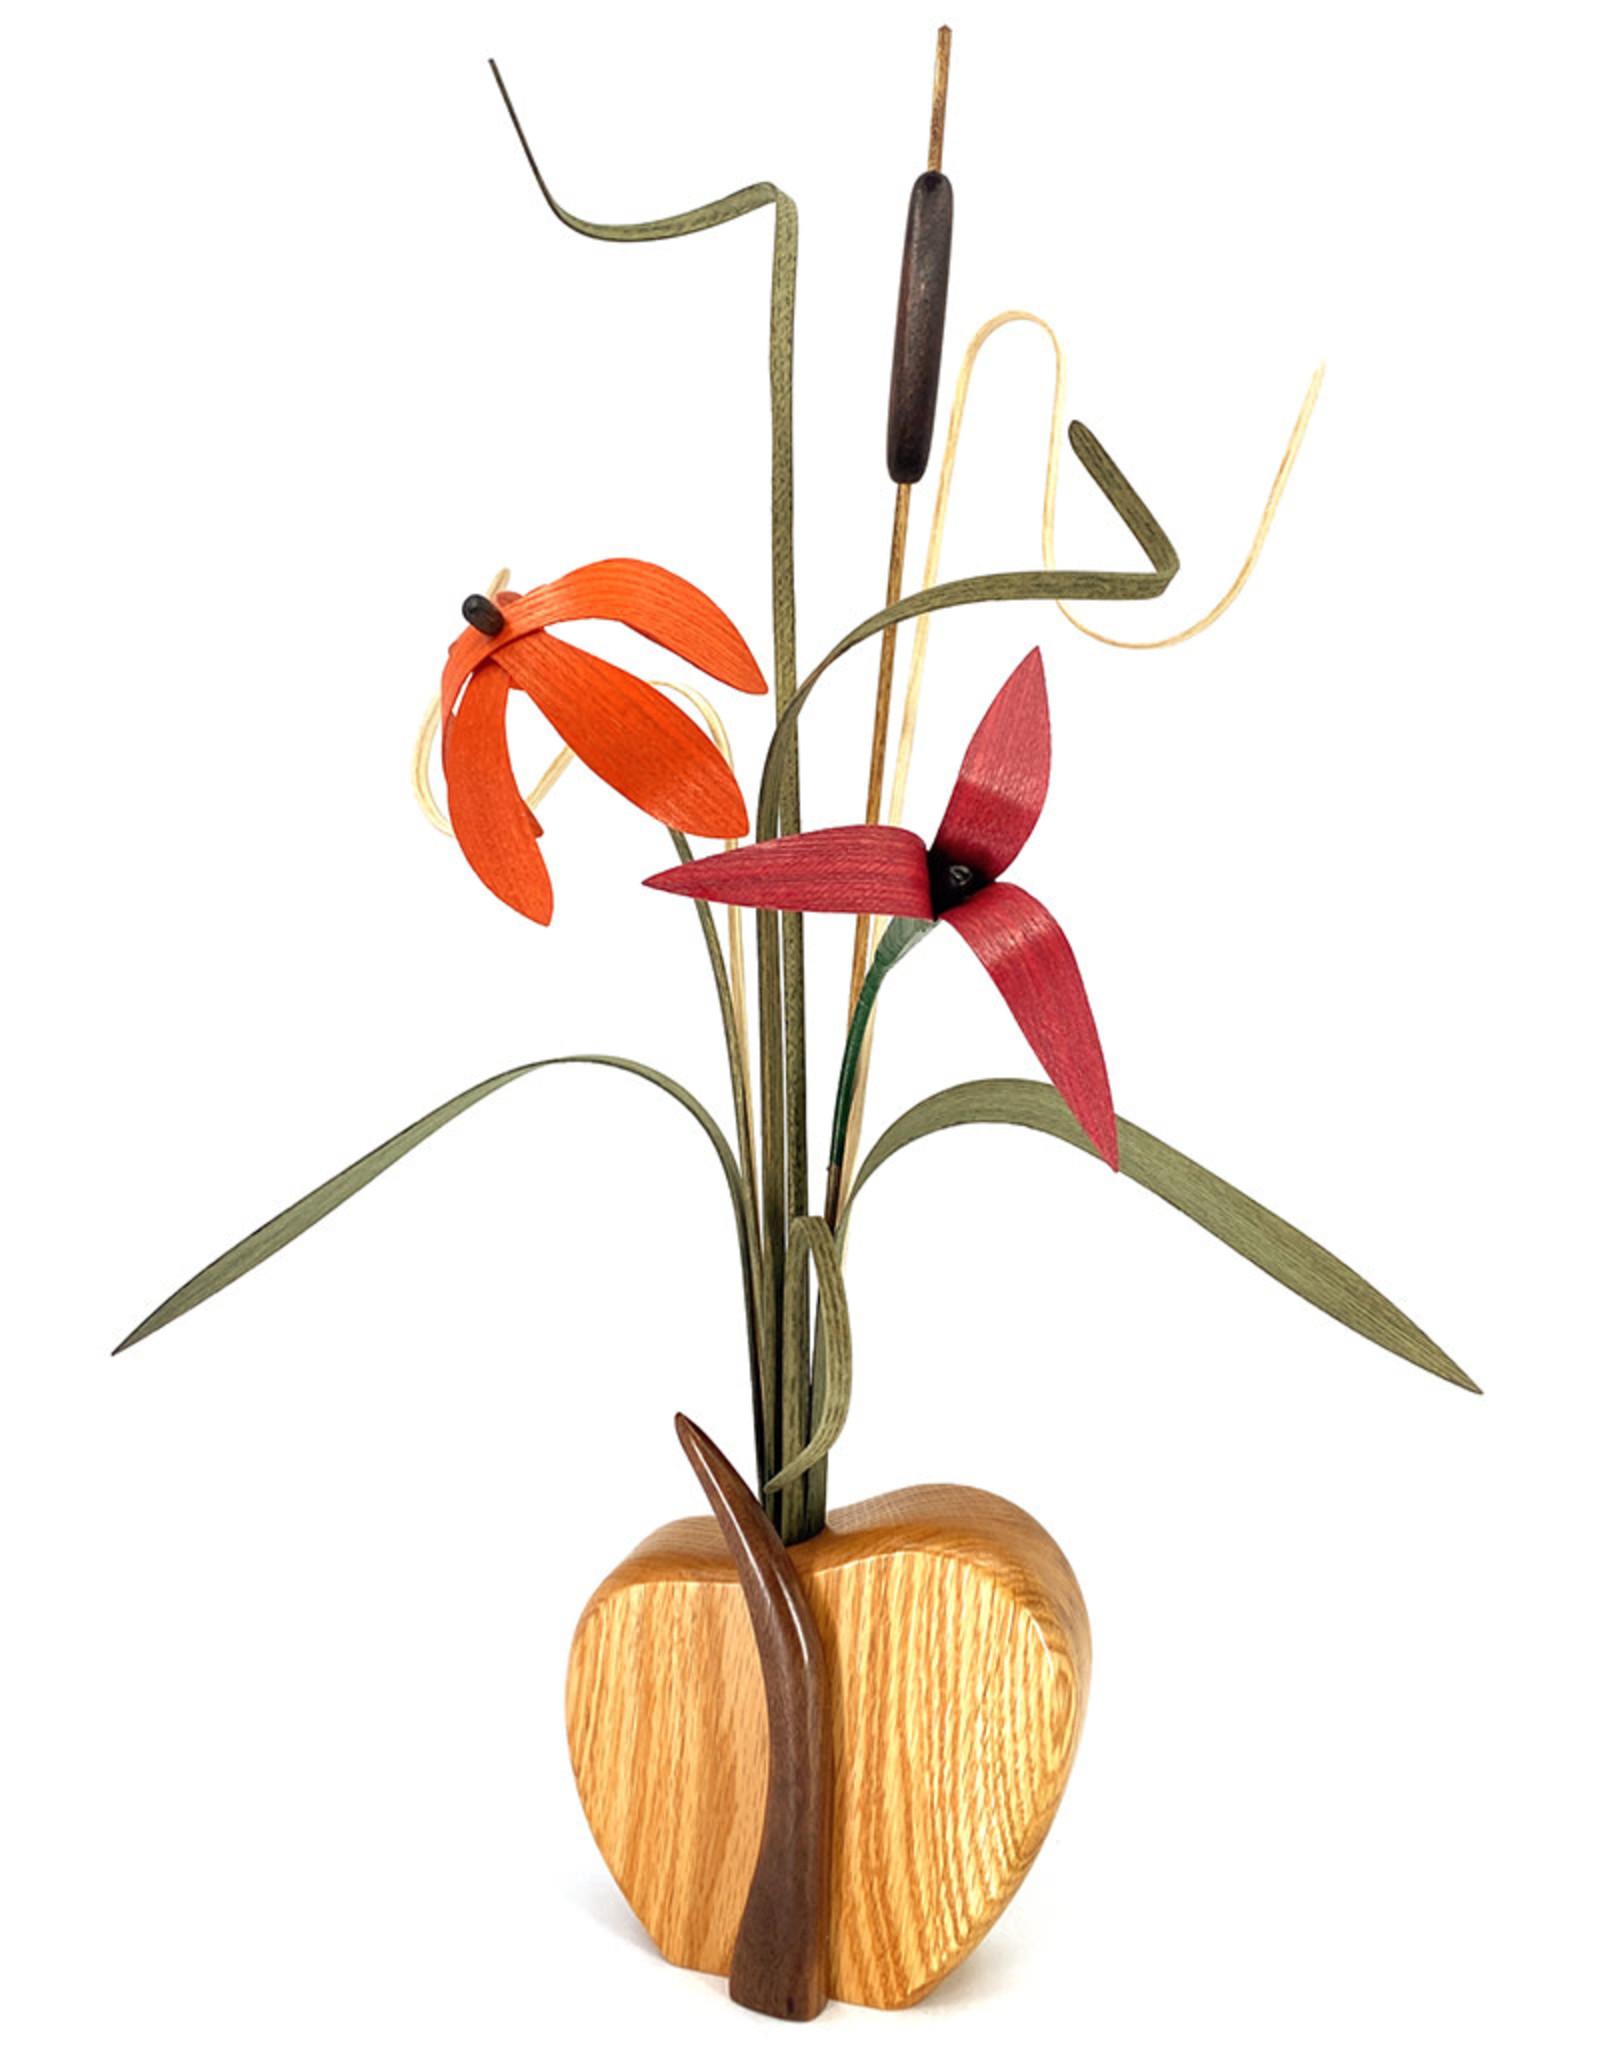 WOOD WILDFLOWERS SEEDLINGS I WOOD FLOWER ARRANGEMENT